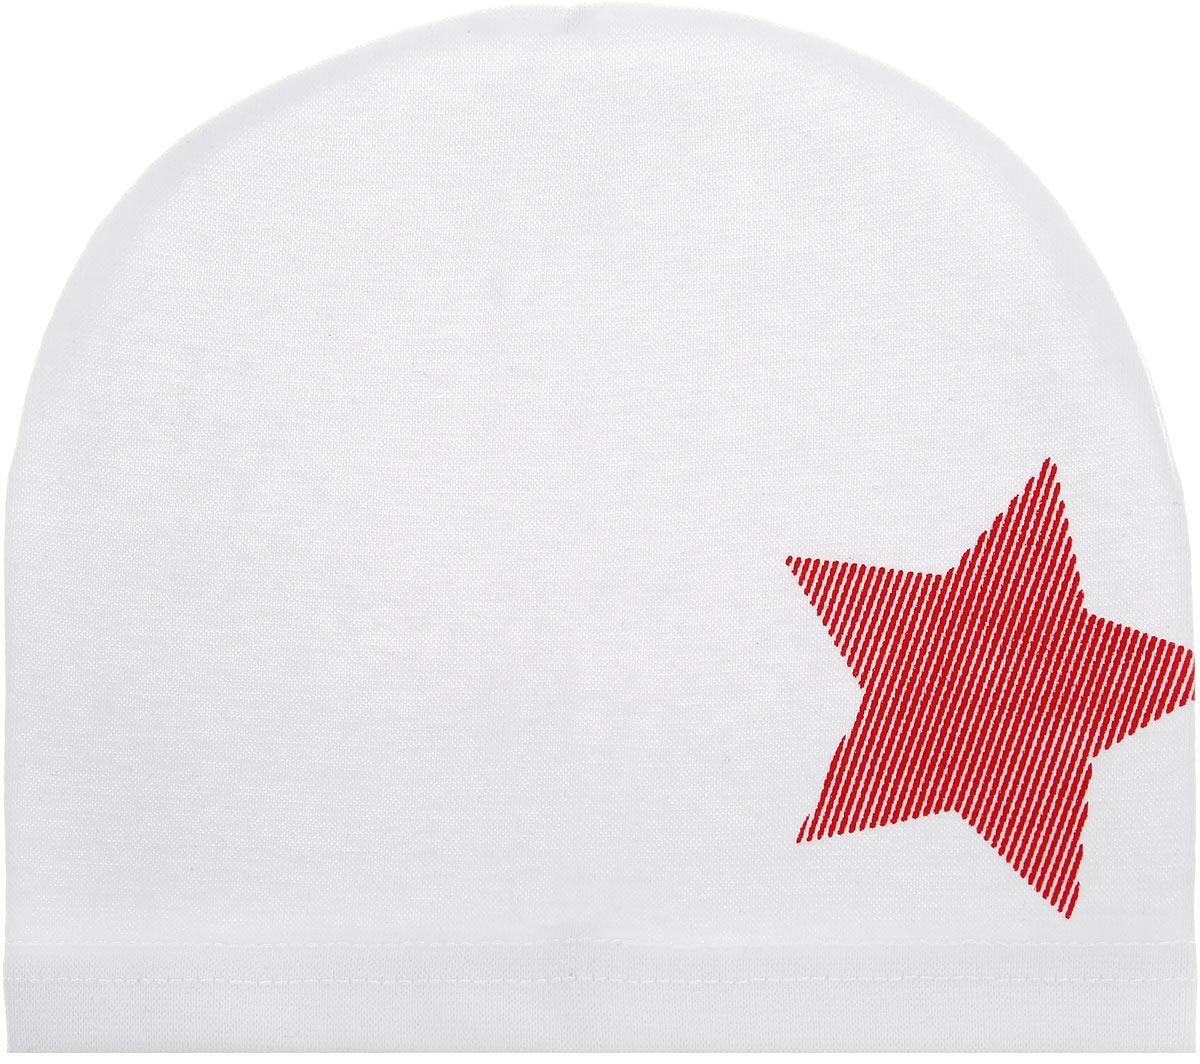 Шапка для мальчика. 146-22146-22-1Шапка для мальчика InFante станет стильным дополнением к детскому гардеробу. Шапка выполнена из натурального хлопка, мягкая и приятная на ощупь, идеально прилегает к голове. Изделие оформлено принтом с изображением звезды. Современный дизайн и расцветка делают эту шапку модным детским аксессуаром. В такой шапке ребенок будет чувствовать себя уютно, комфортно и всегда будет в центре внимания! Уважаемые клиенты! Размер, доступный для заказа, является обхватом головы.